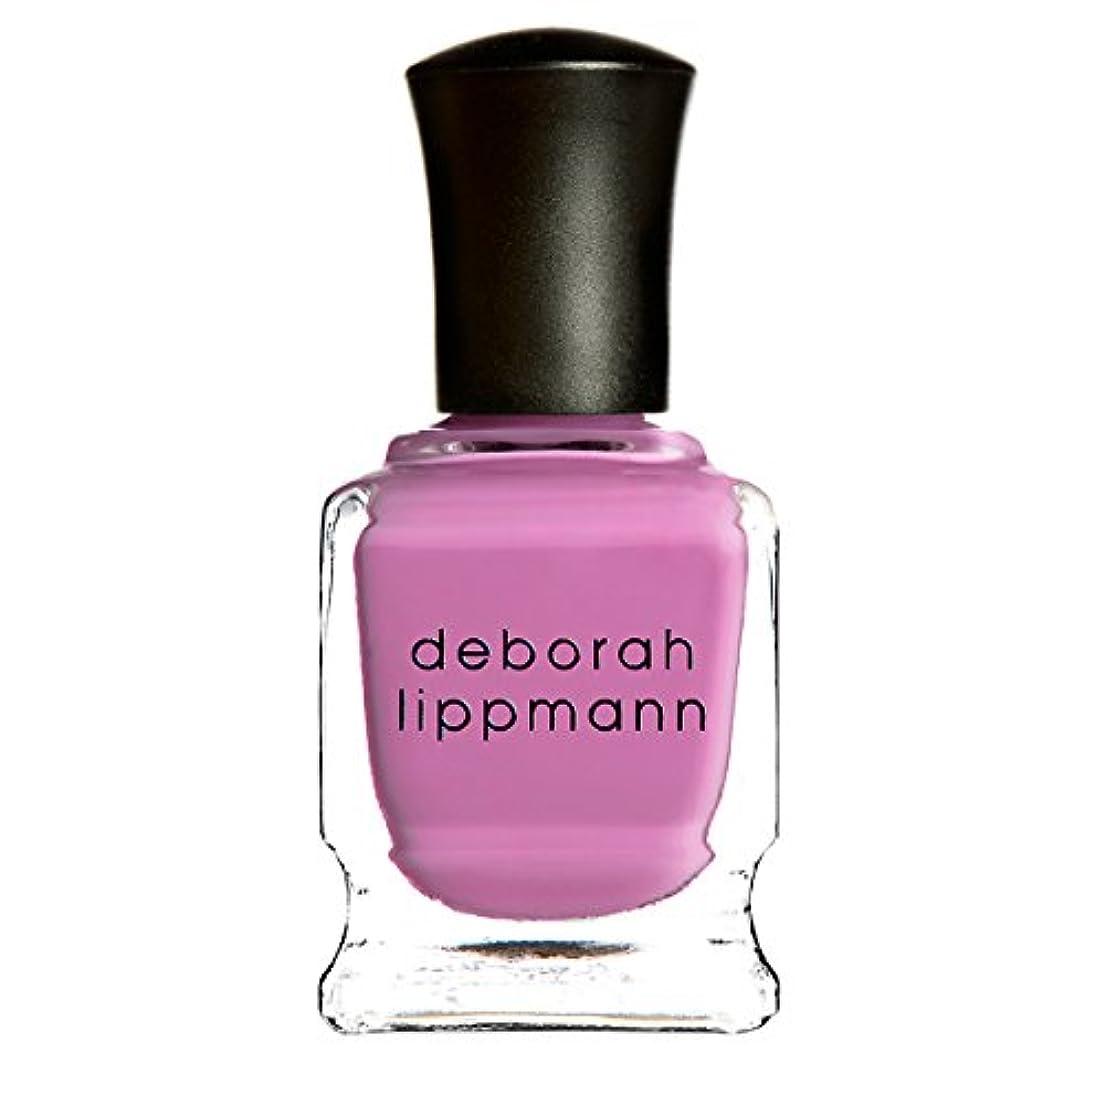 尊厳精緻化消去[Deborah Lippmann] デボラリップマン ミニ ポリッシュ ネイルポリッシュ ピンク系 「シーバップ 」 8 ml 【デボラリップマン】 SHE BOP【deborah lippmann】